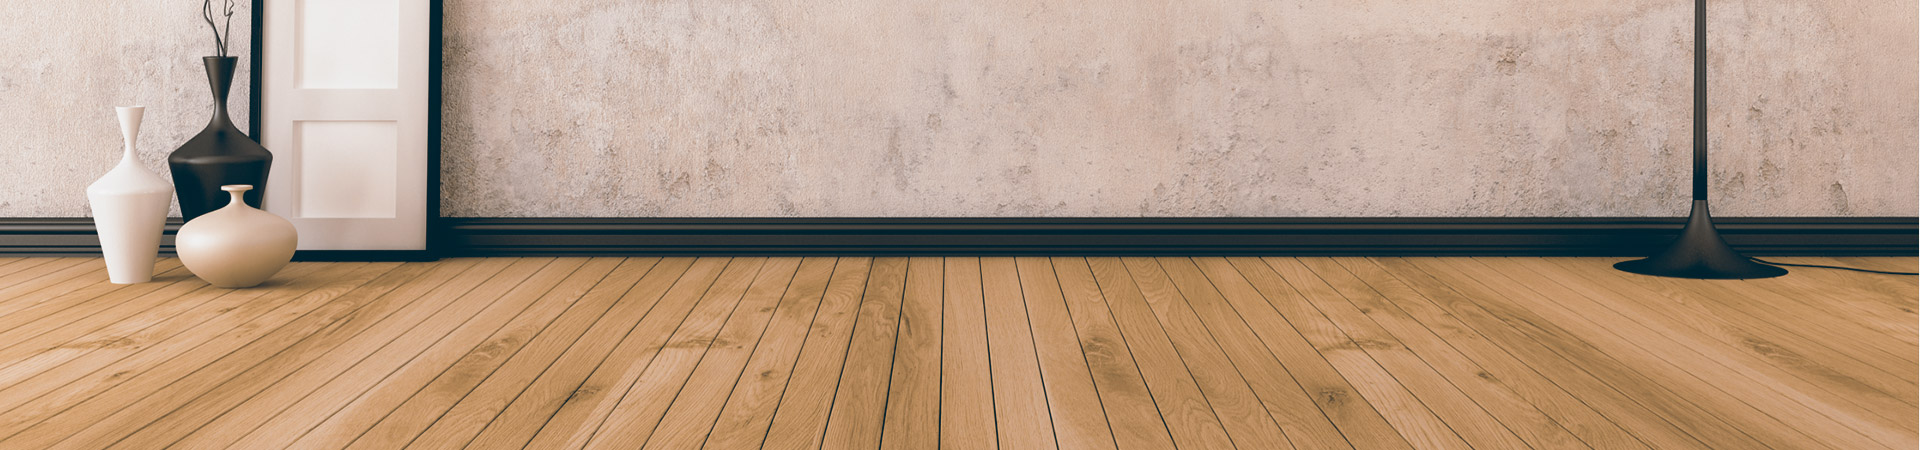 Vi udfører alt i gulvbelægning, gulvafslibning, efterbehandling & vedligeholdelse af trægulve.